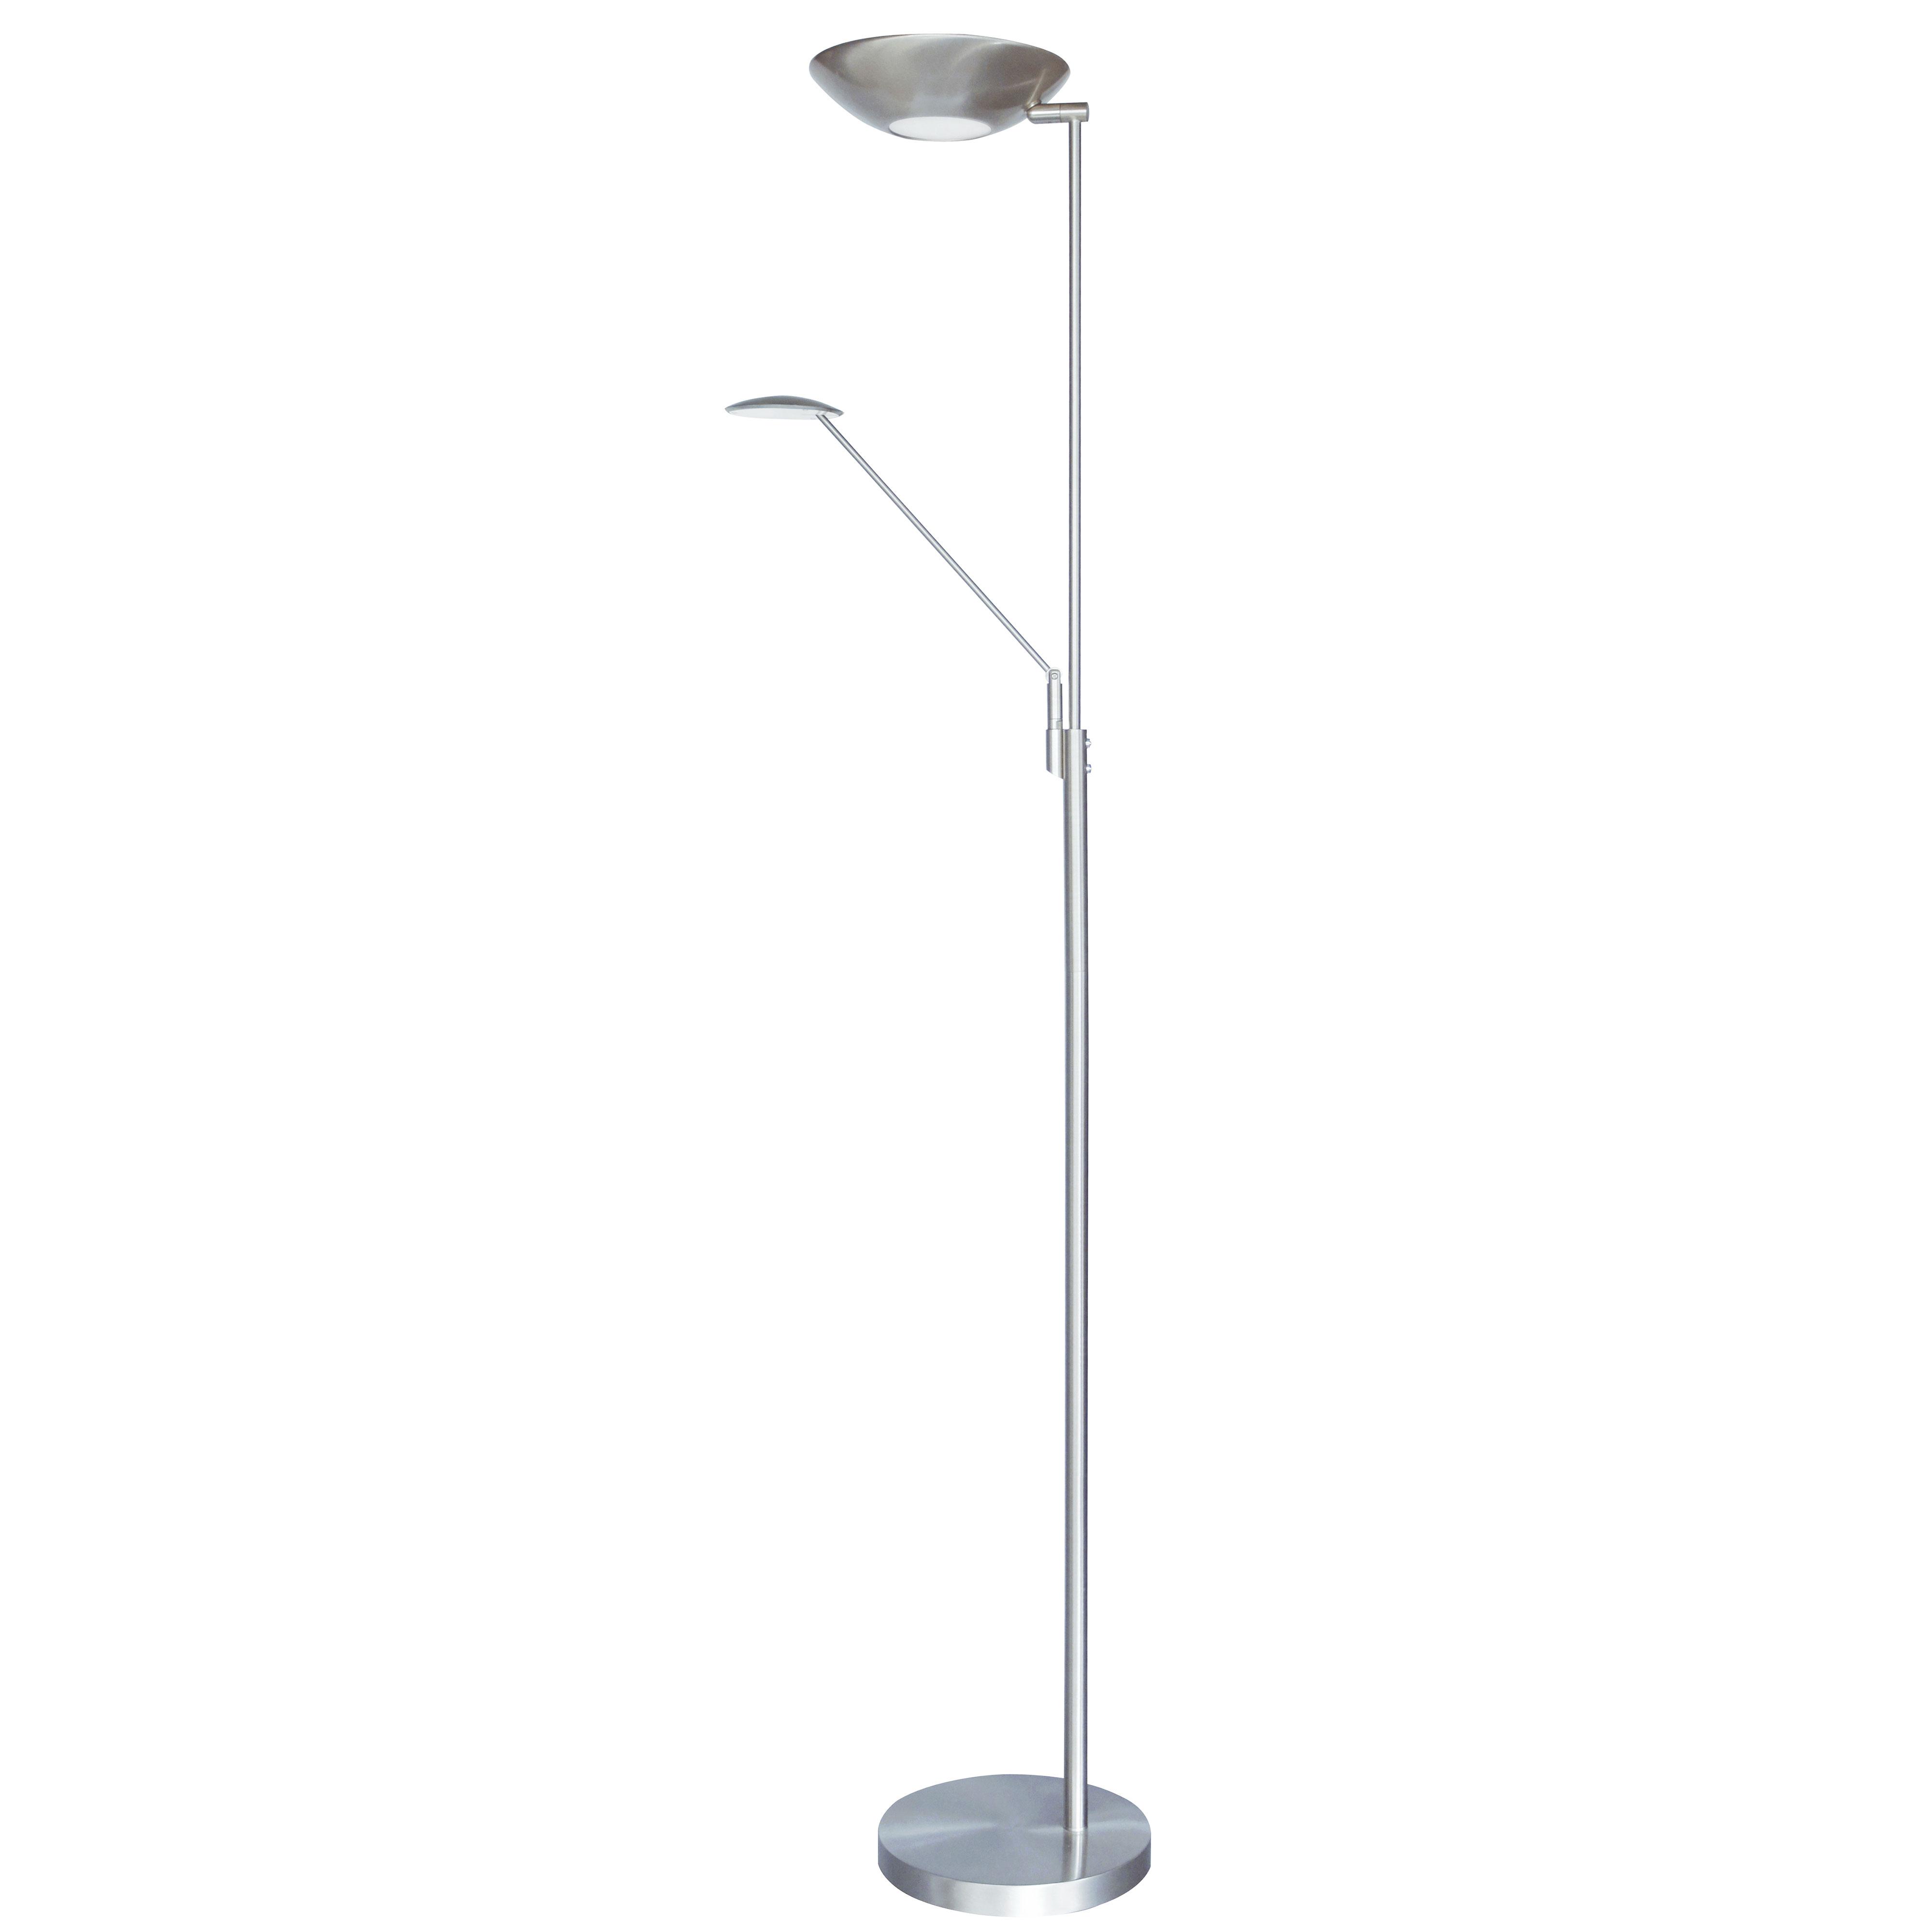 Mother & Son LED Floor Lamp, Satin Chrome Finish